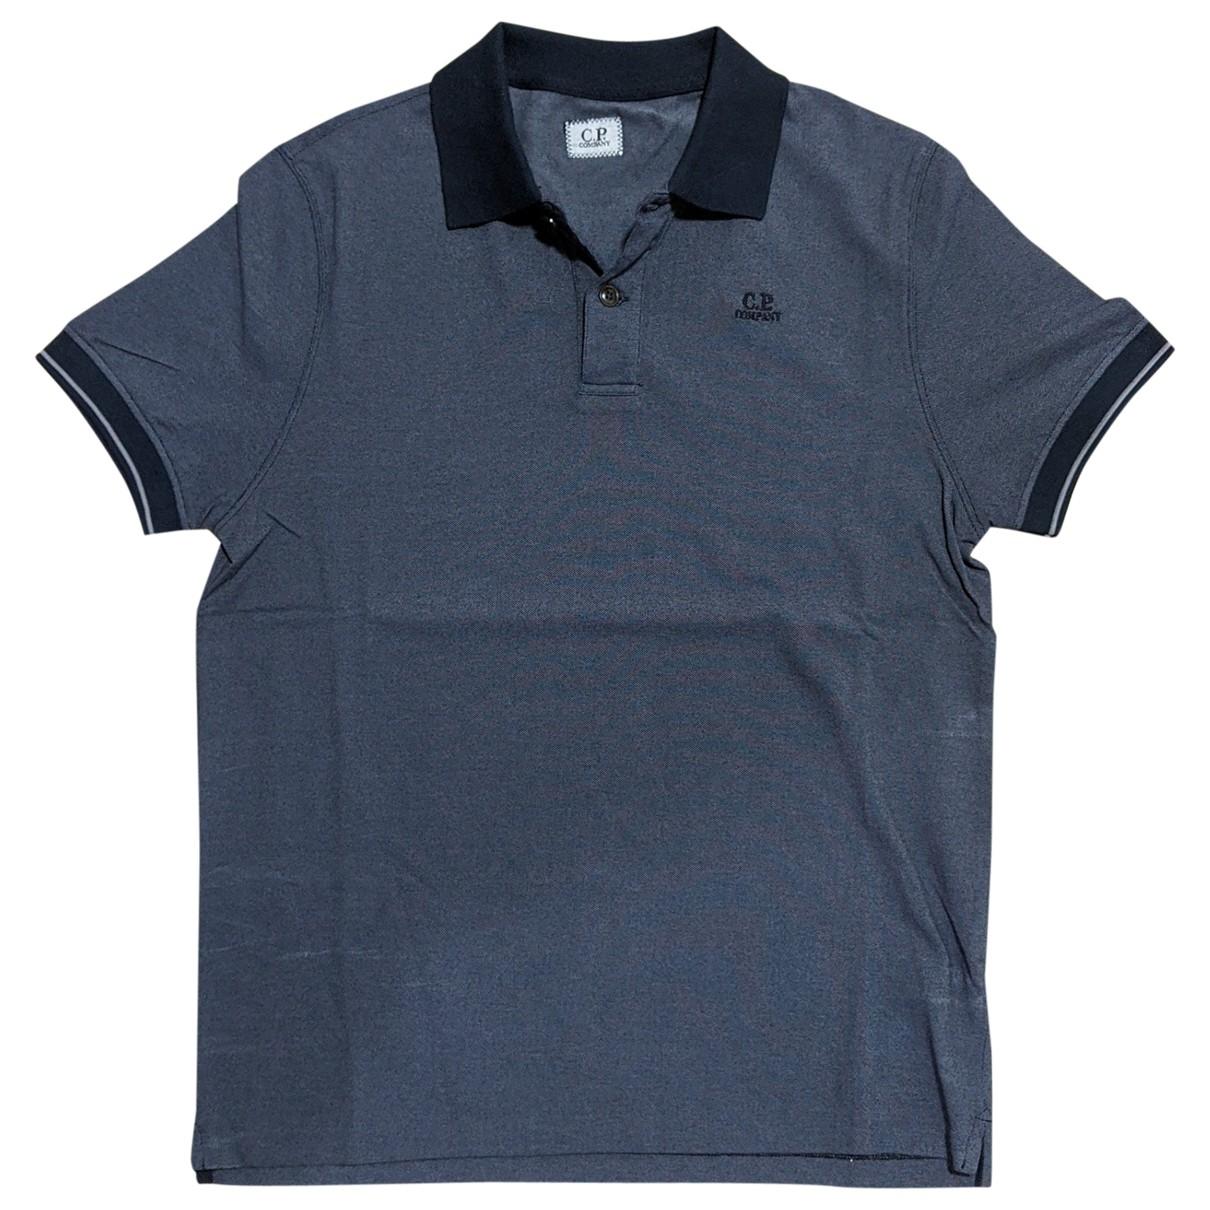 Cp Company - Polos   pour homme en coton - bleu